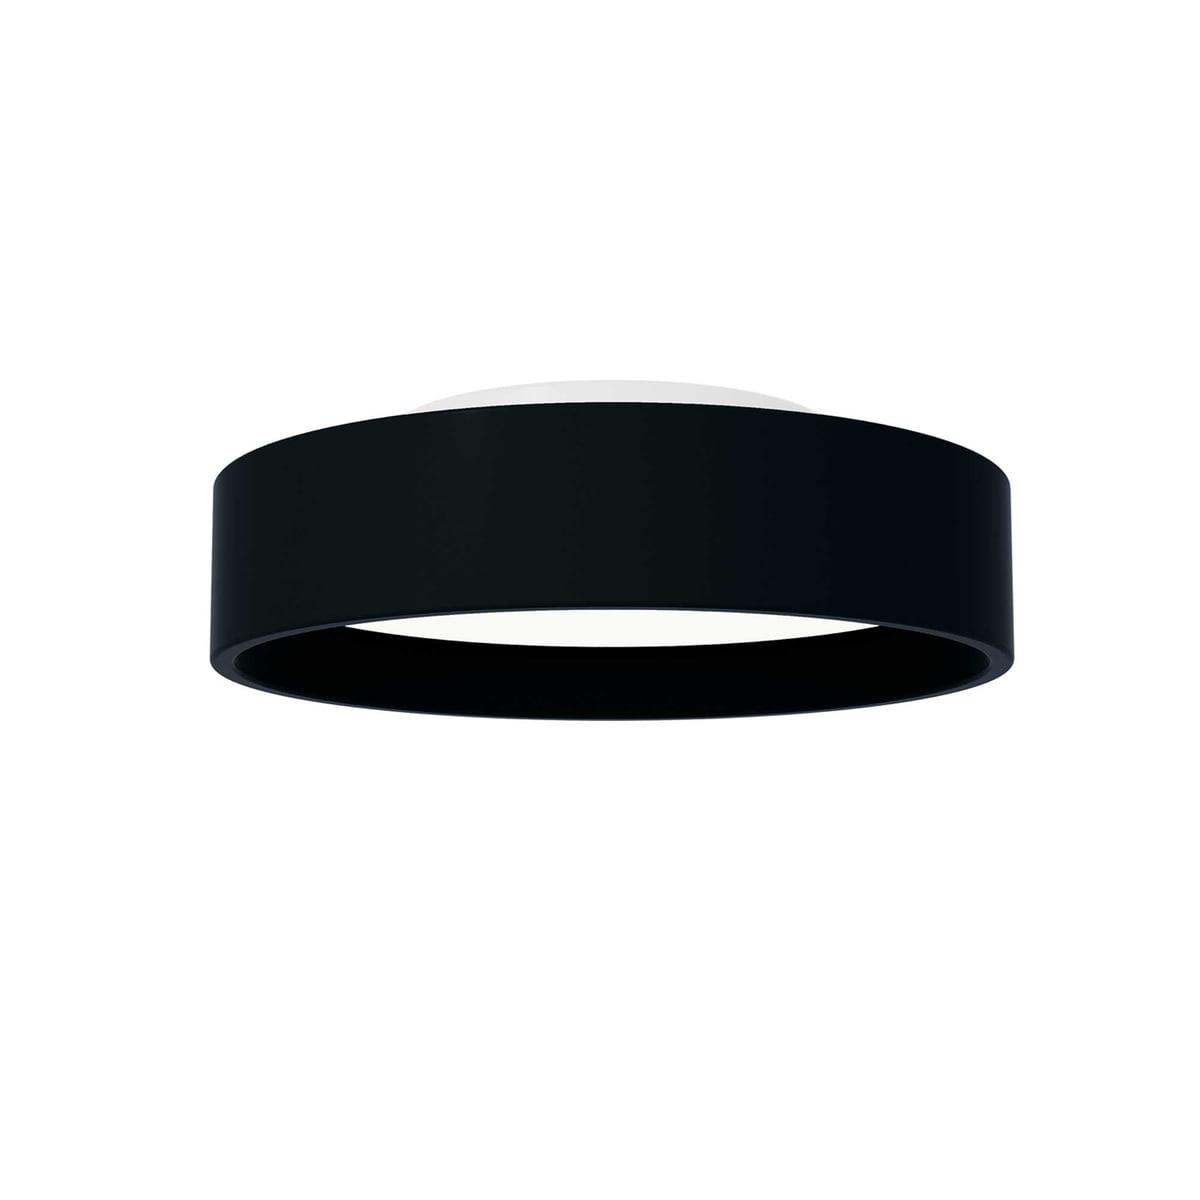 Louis Poulsen LP Circle Aufbauleuchte schwarz 26 cm Résultat Supérieur 15 Superbe Plafonnier Led Noir Image 2017 Shdy7